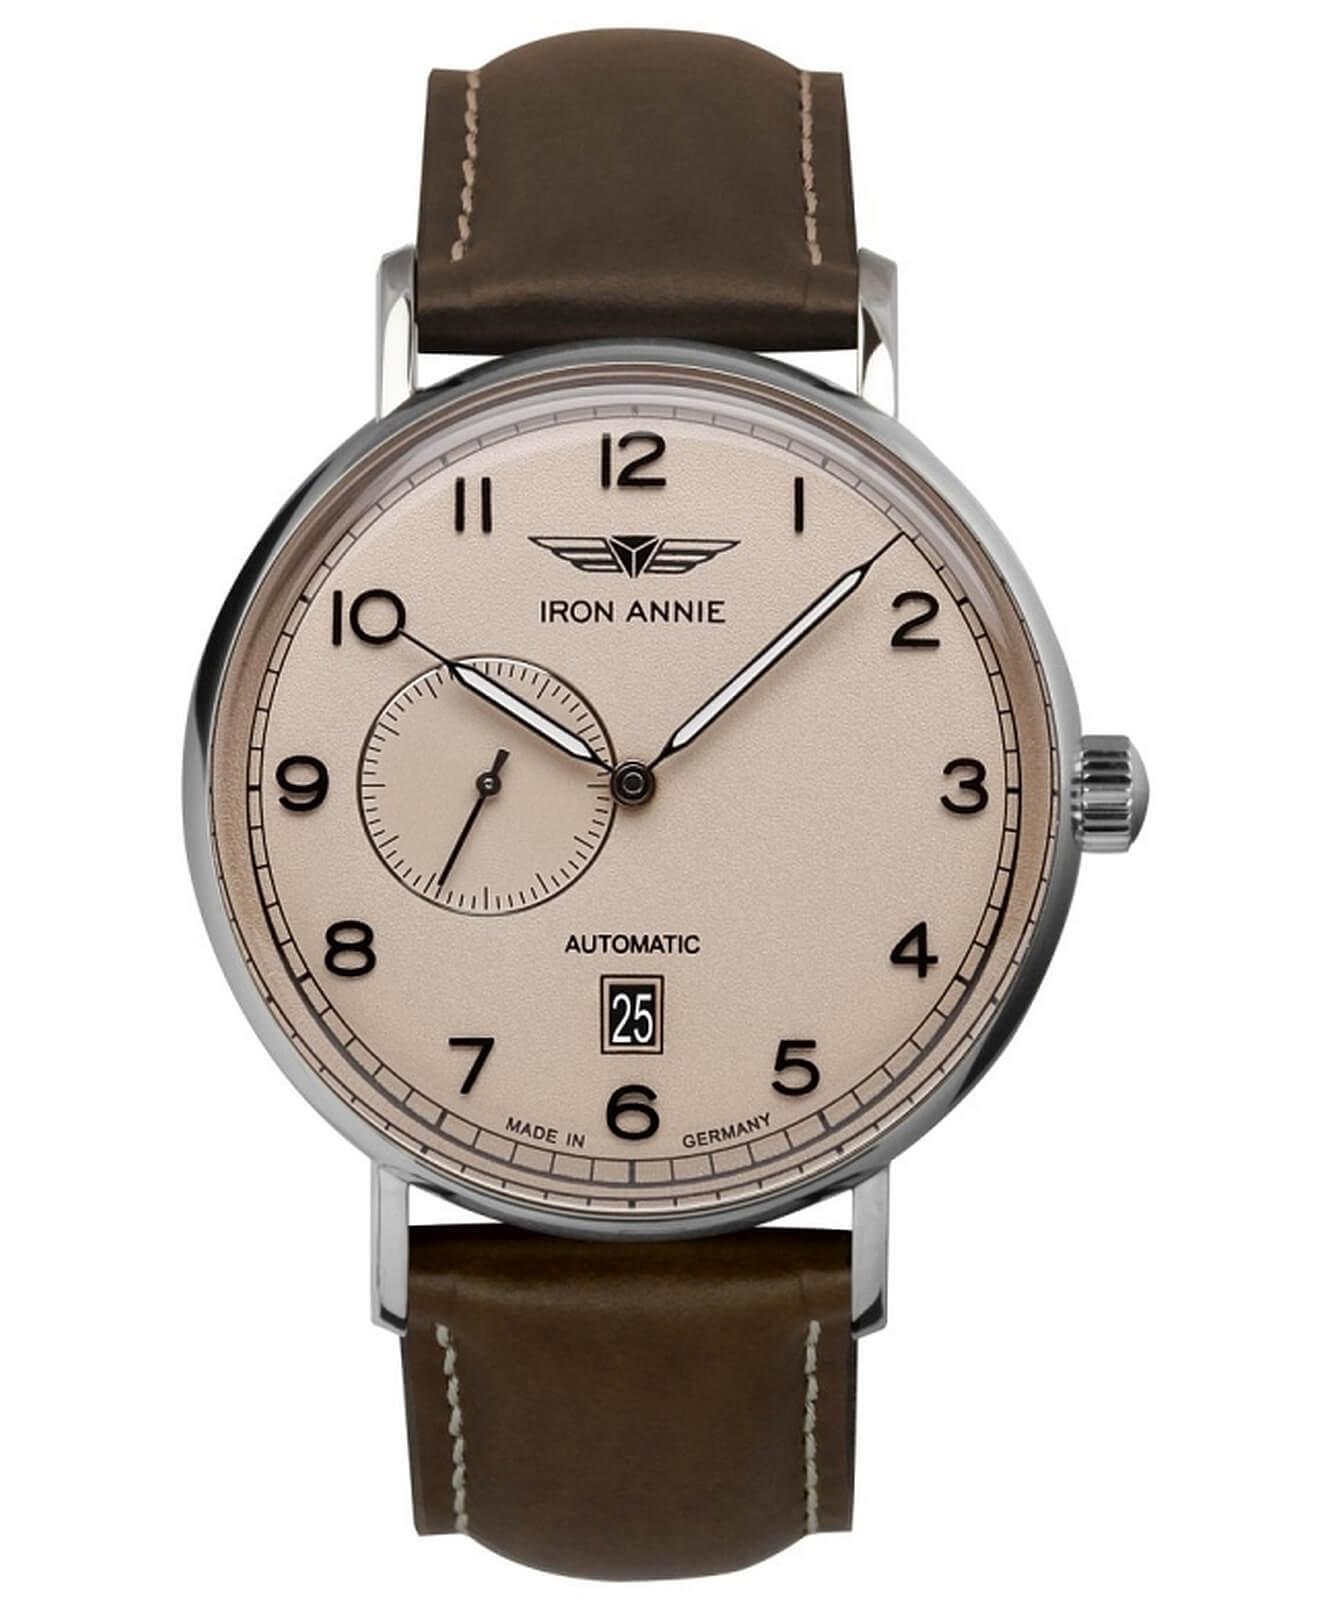 zegarek-meski-iron-annie-d-aqui-automatik-ia-5904-5